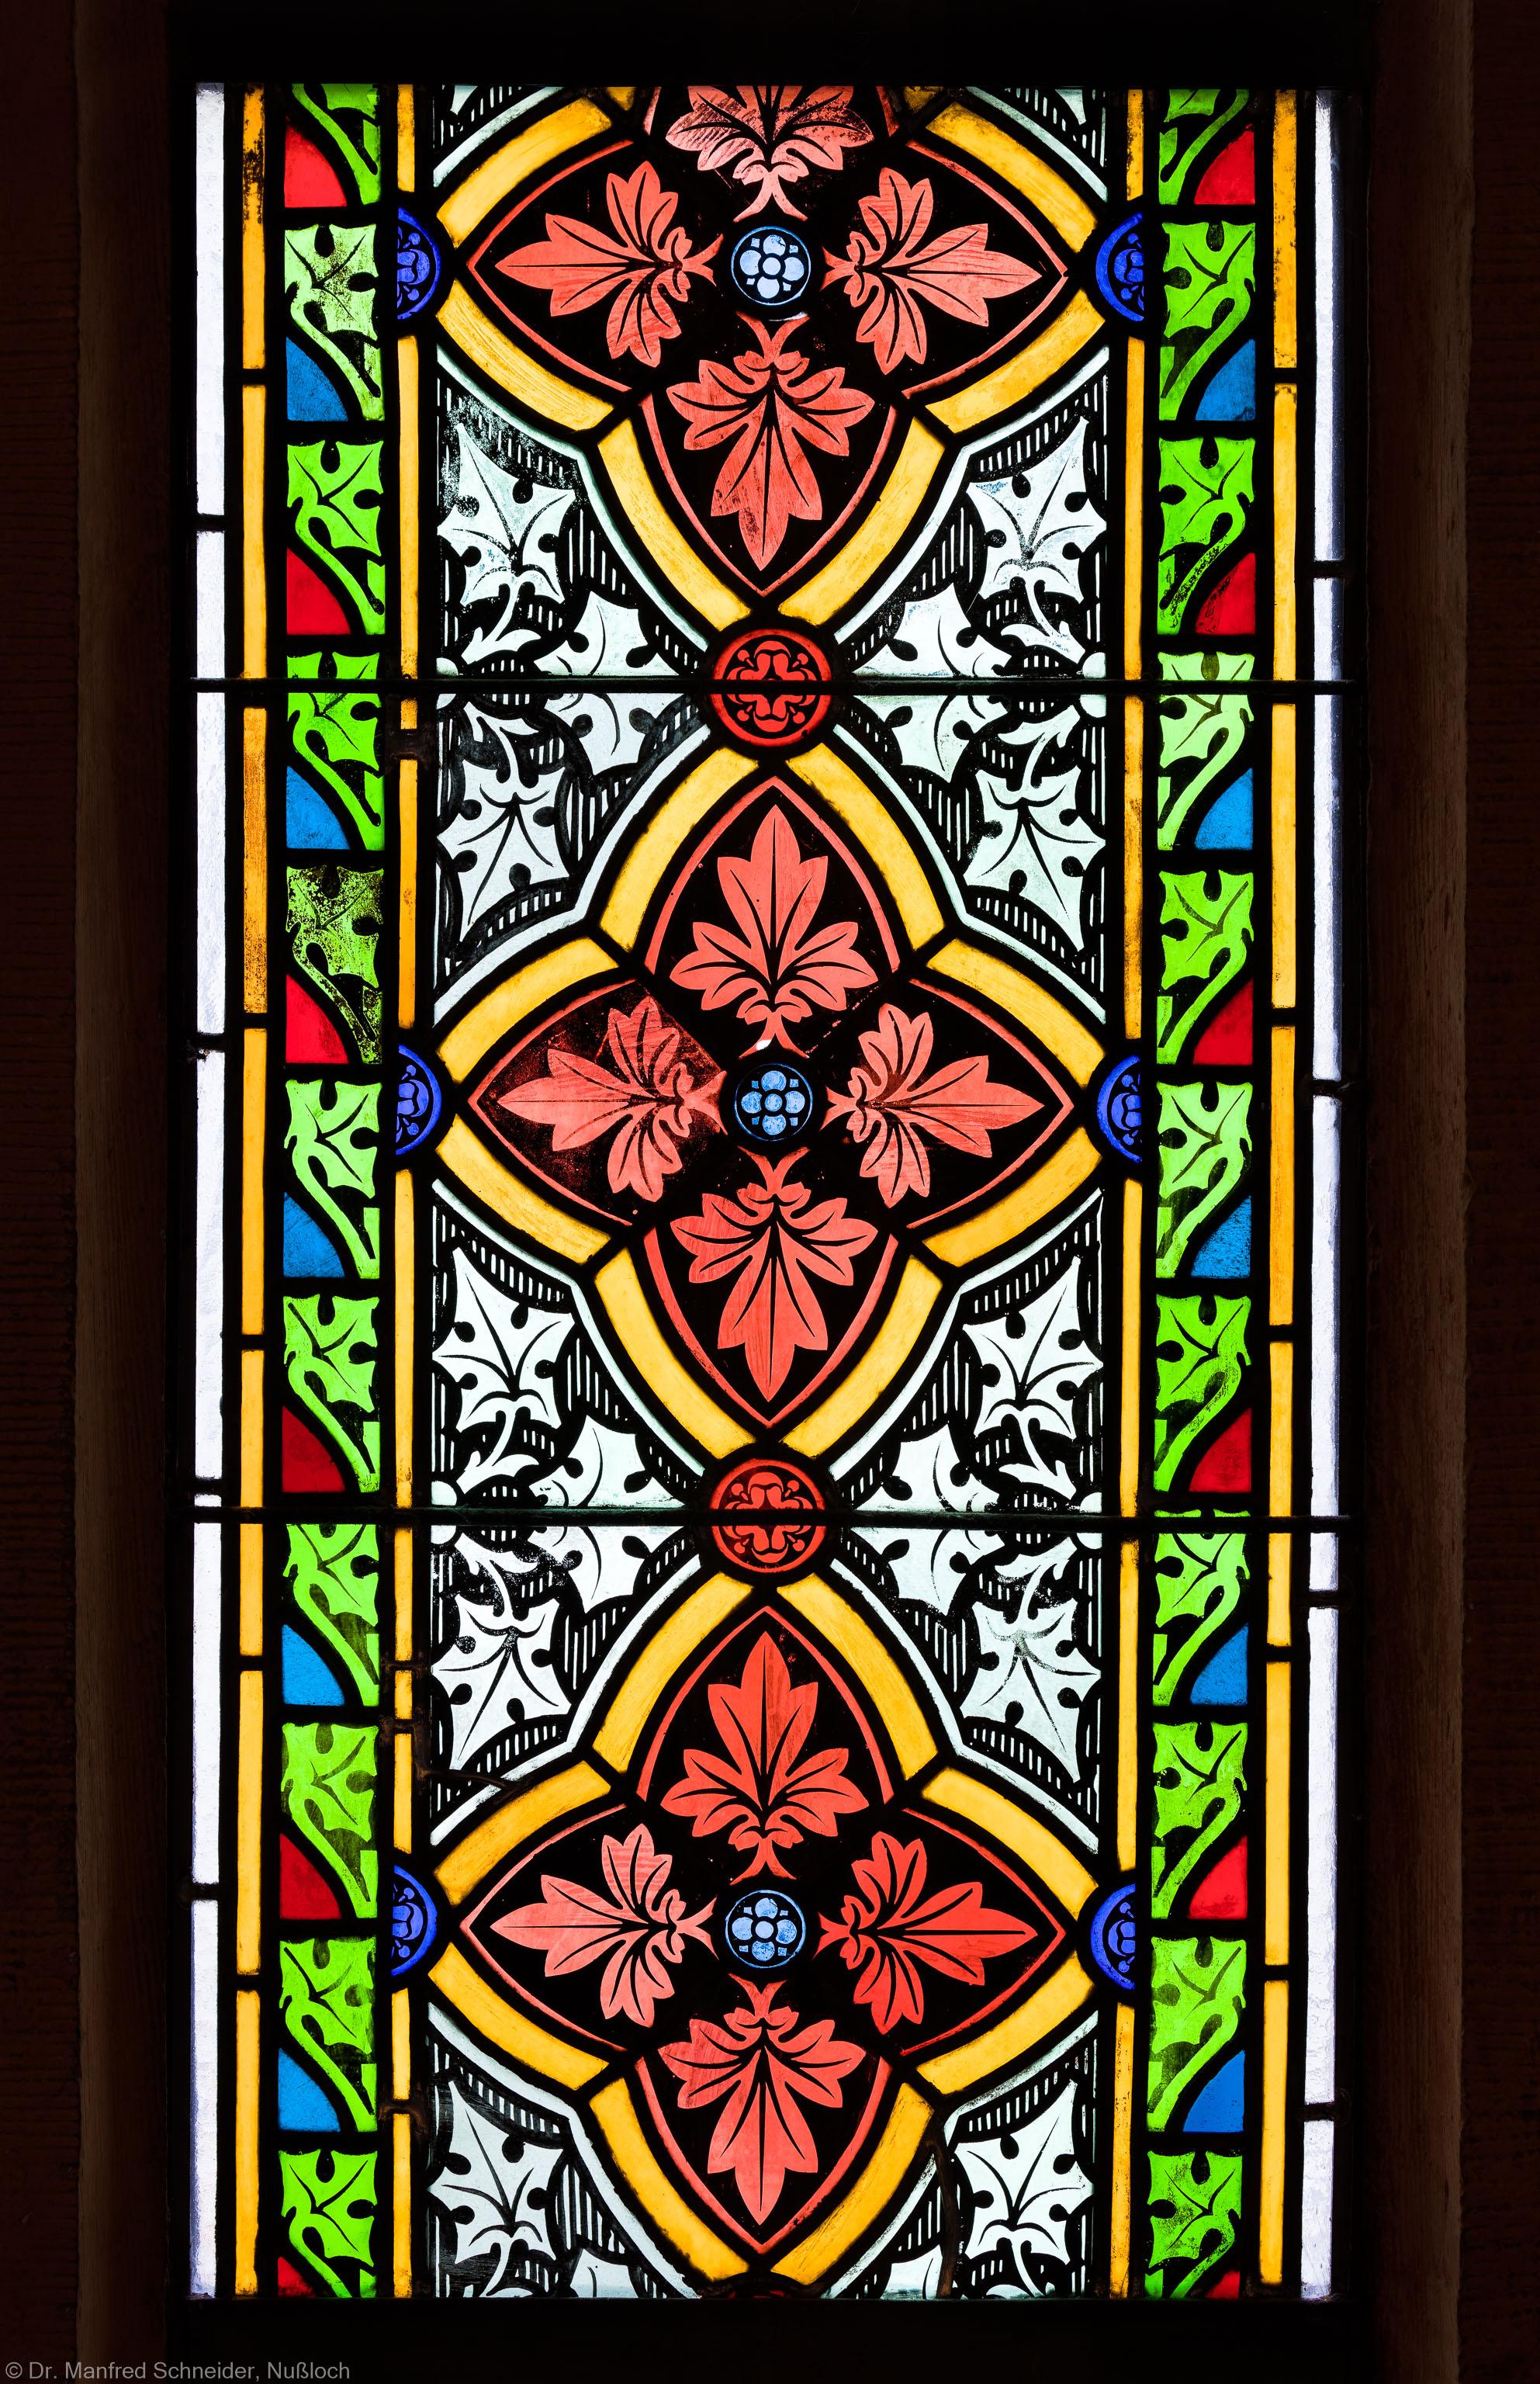 Heidelberg - Heiliggeistkirche - Südschiff - 2. Joch, von Westen aus gezählt - Feld (mittlere Bahn, dritte Zeile) des Ornamentfensters (aufgenommen im Oktober 2015, am späten Nachmittag)